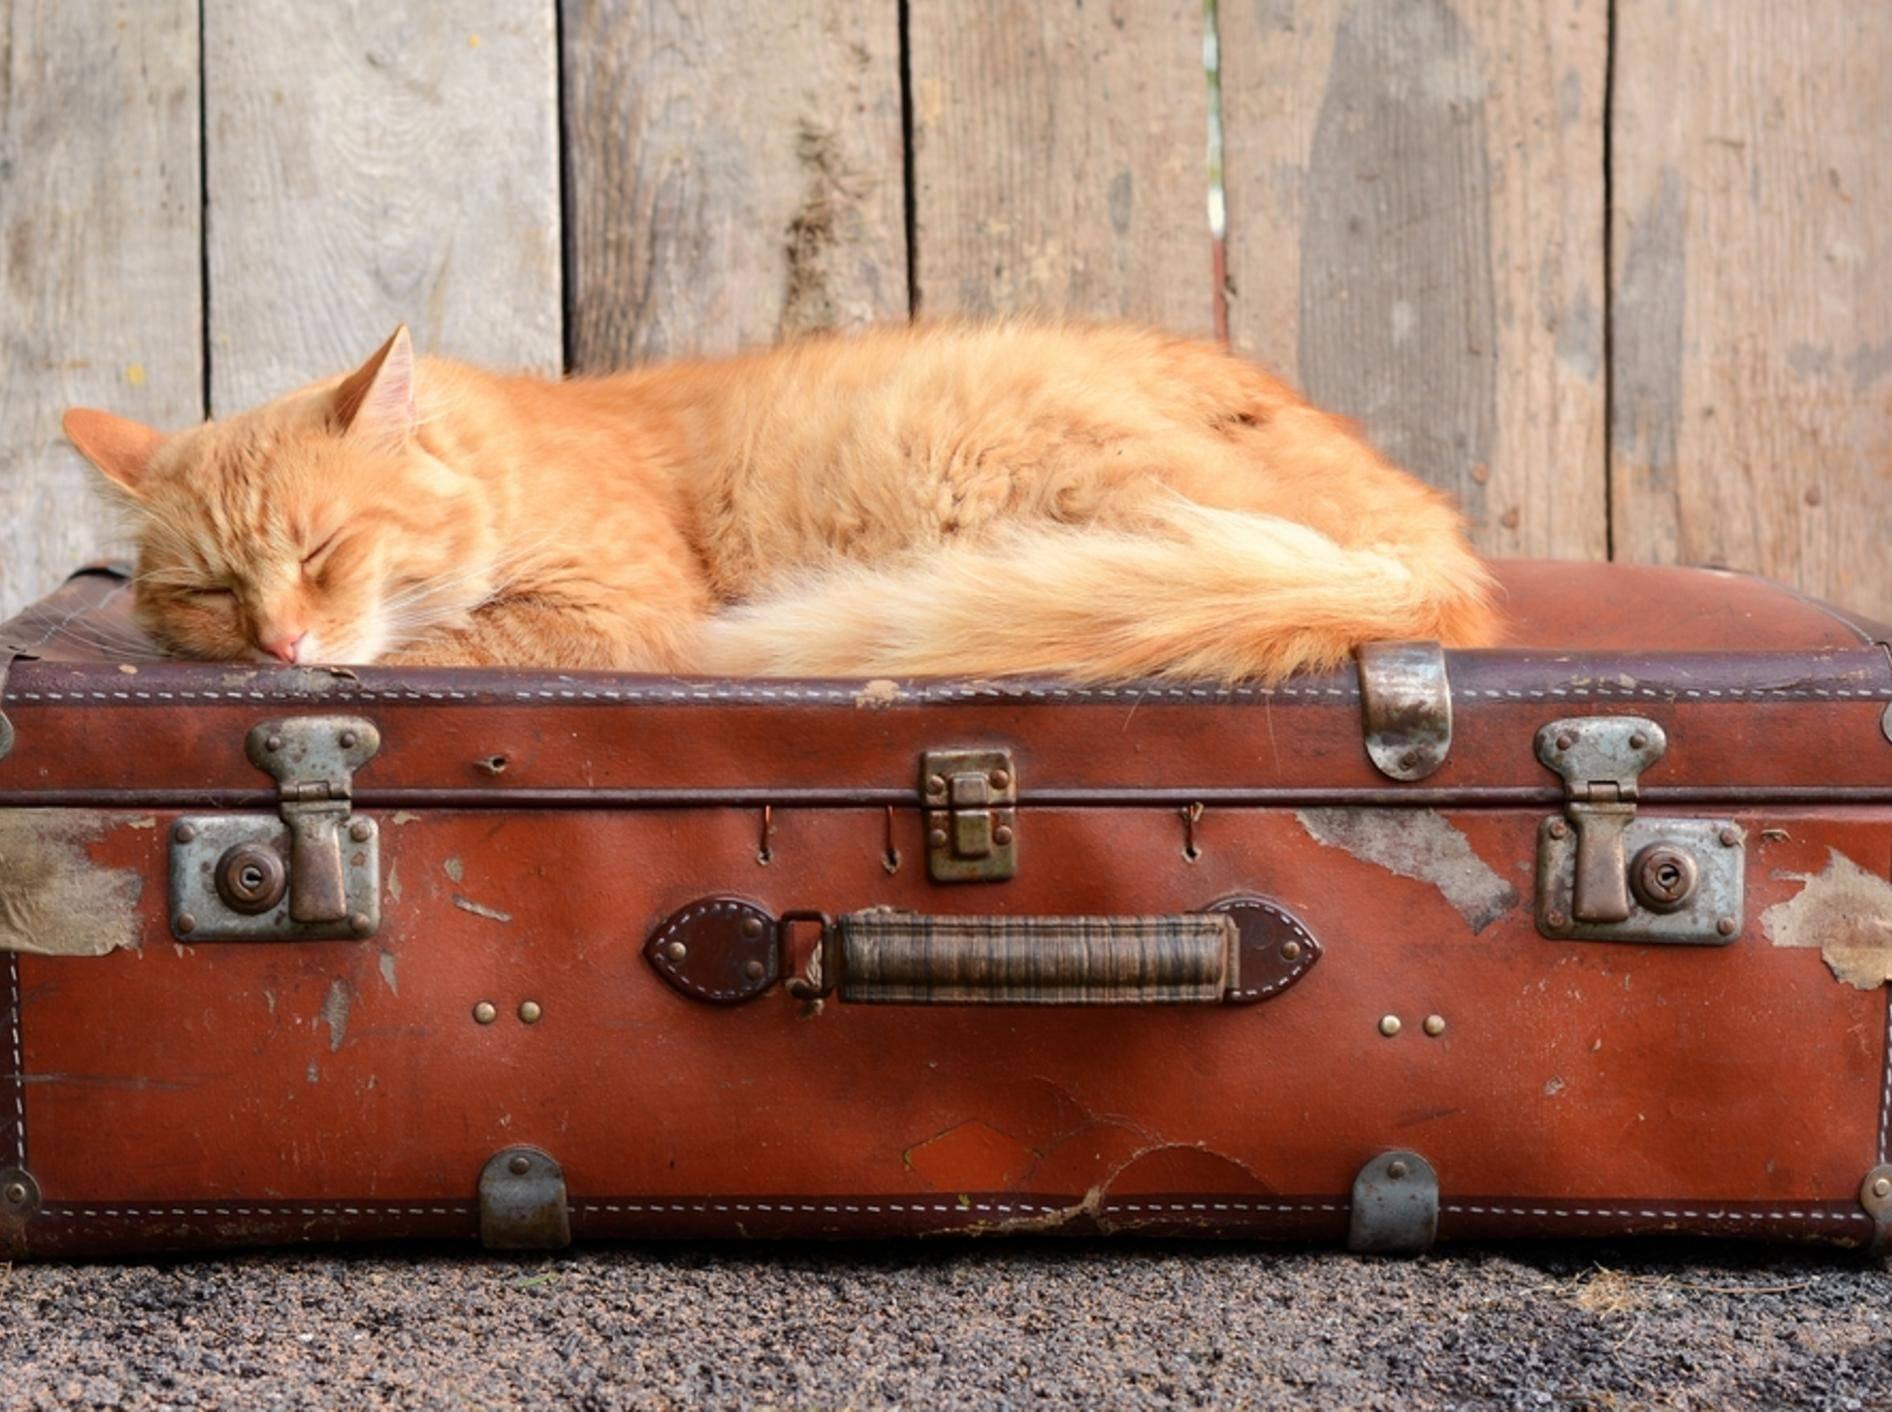 Nicht jede Katze ist im Urlaub so entspannt – Bild: Shutterstock / DavidTB